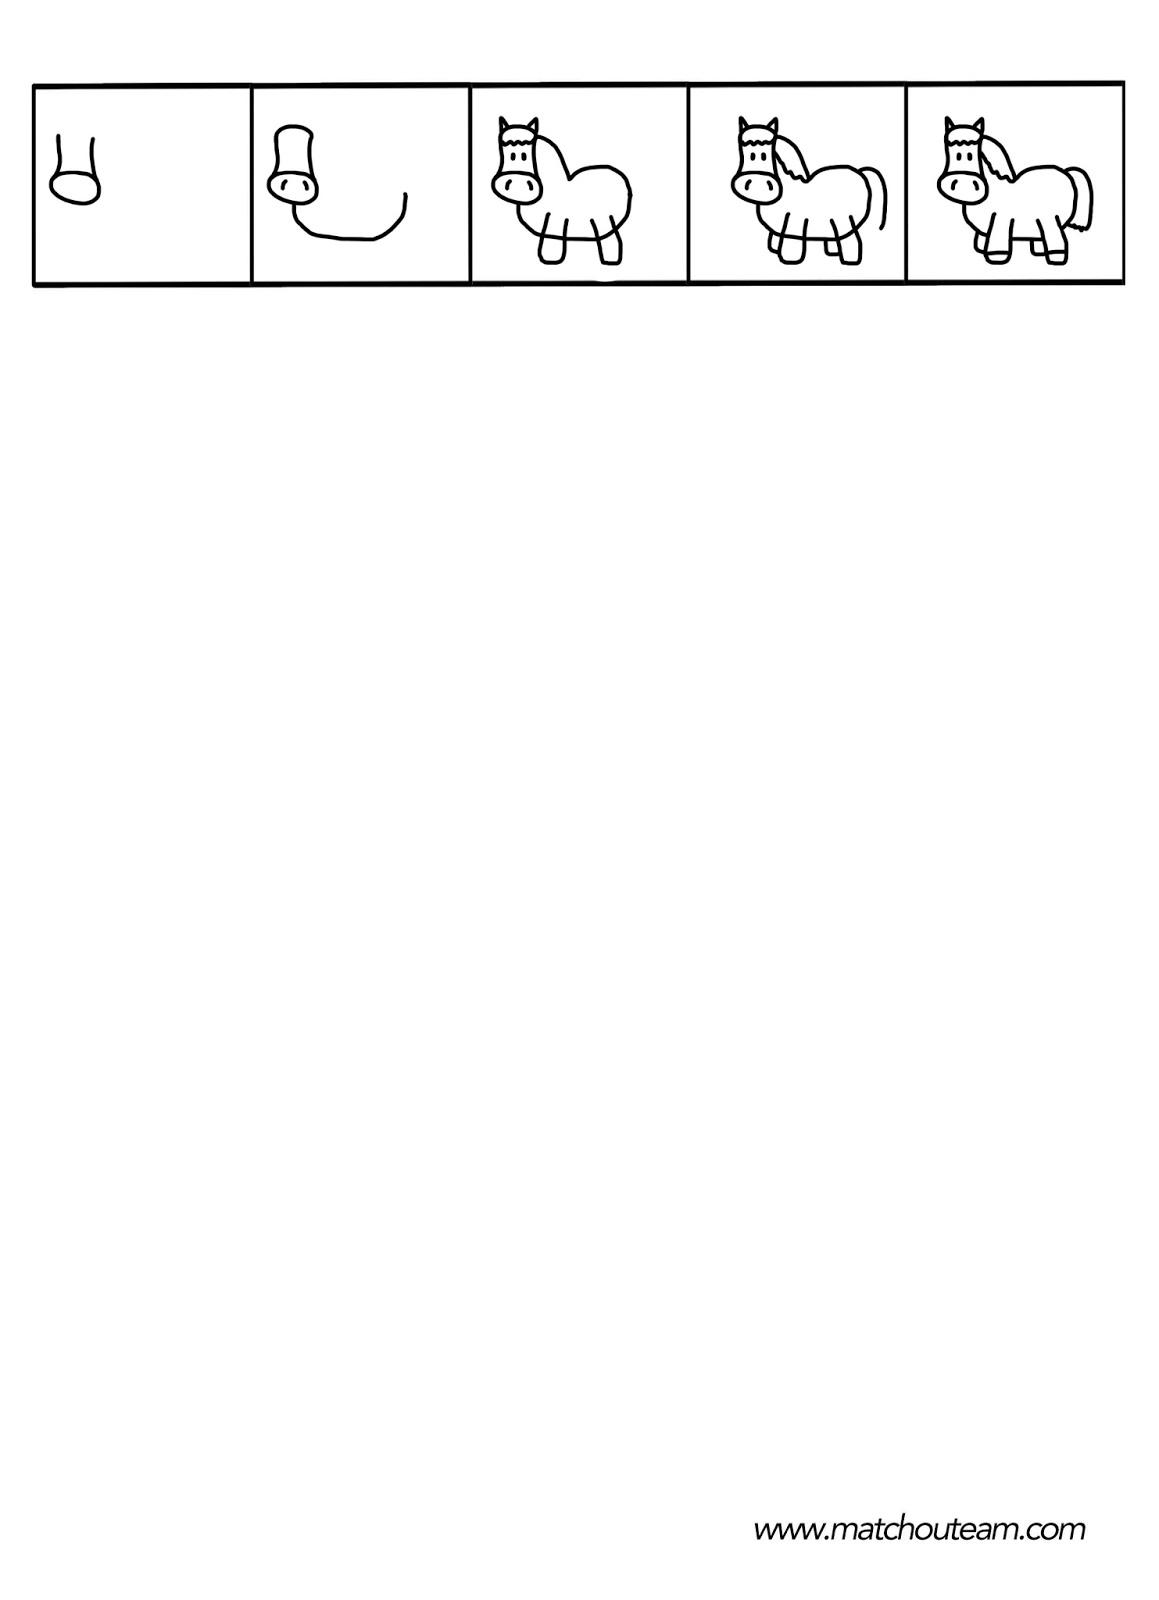 Extrêmement Ma Tchou team: Fiches de dessins dirigés ZT99